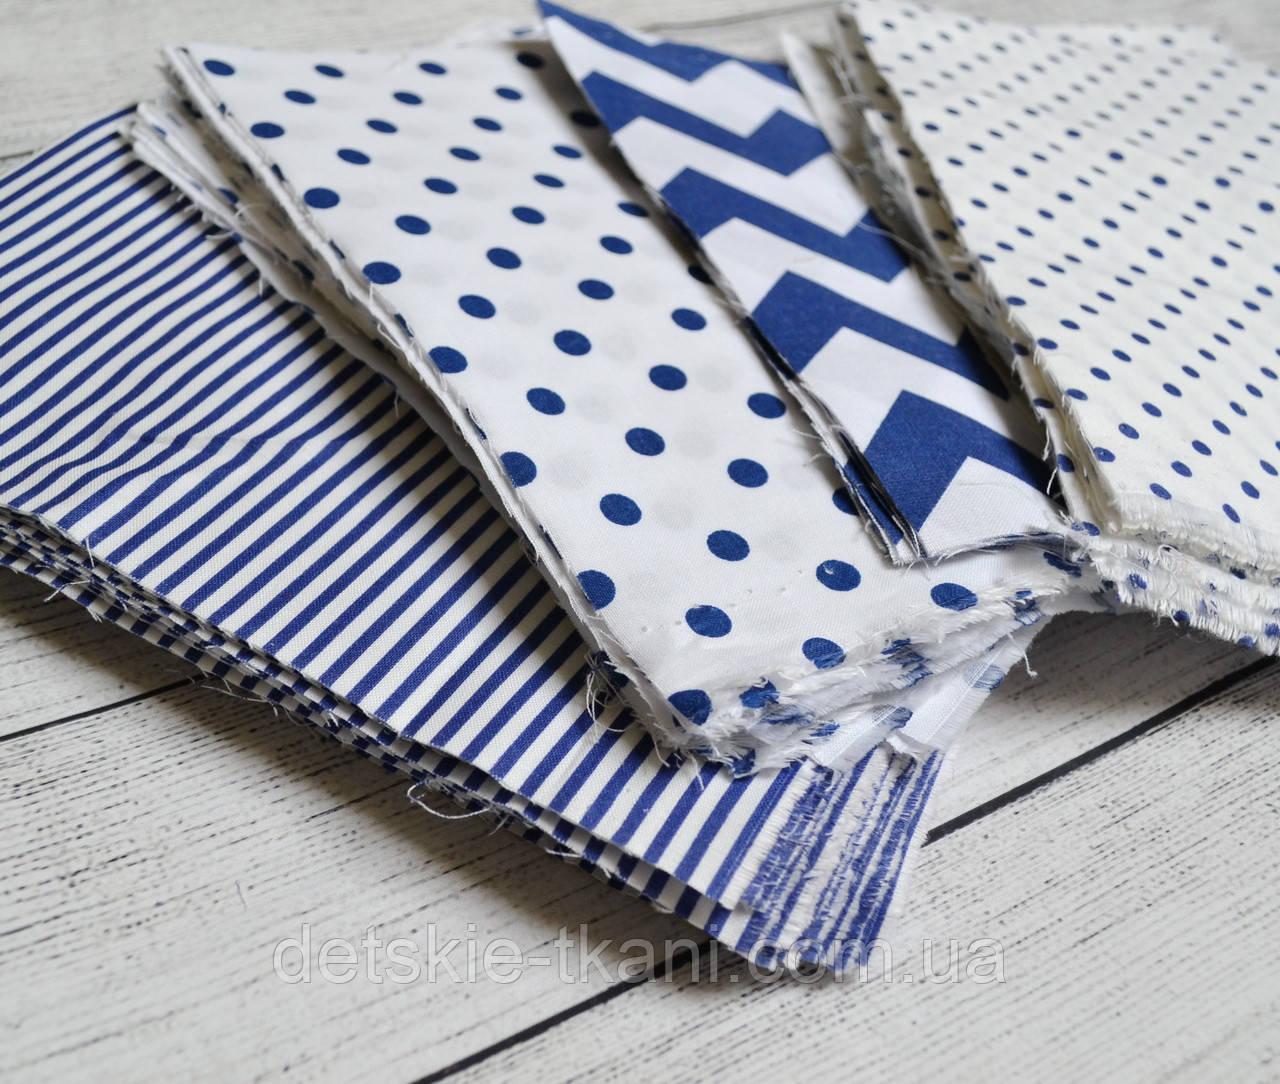 Набор лоскутов тканей для пэчворка с принтами синего цвета, №27